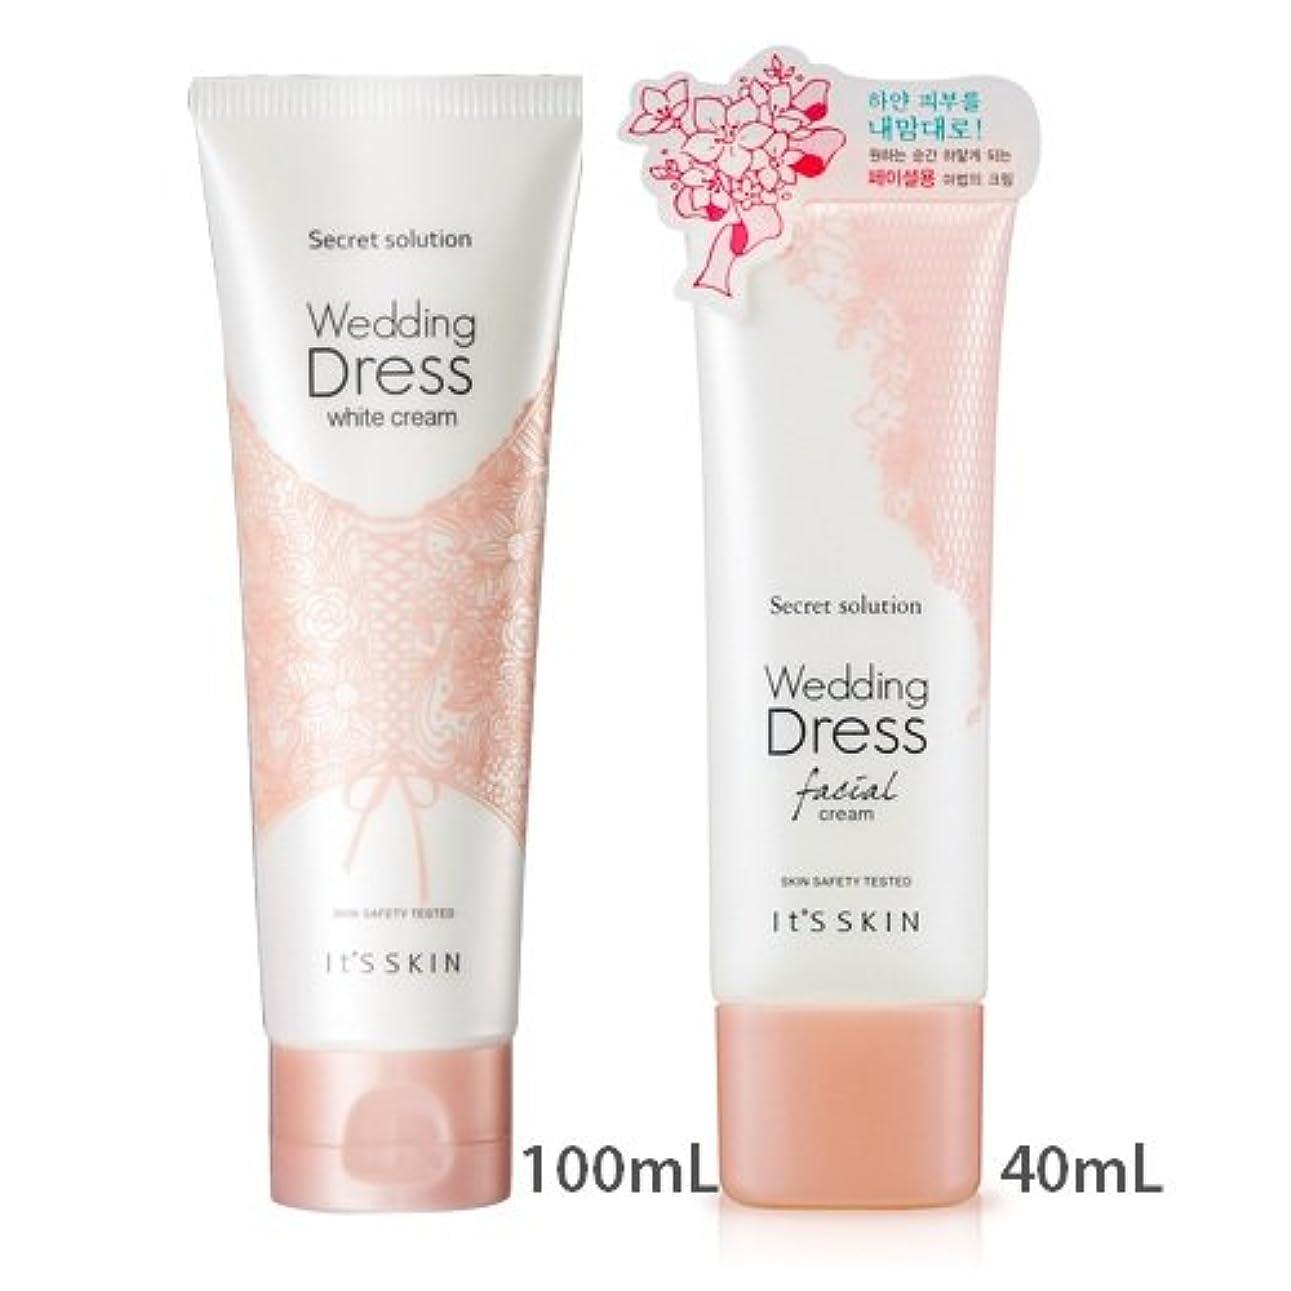 版想像する最初[1+1] It's skin Secret Solution Wedding Dress Facial Cream 40mL + Secret Solution Wedding Dress Cream 100mL イッツスキン...